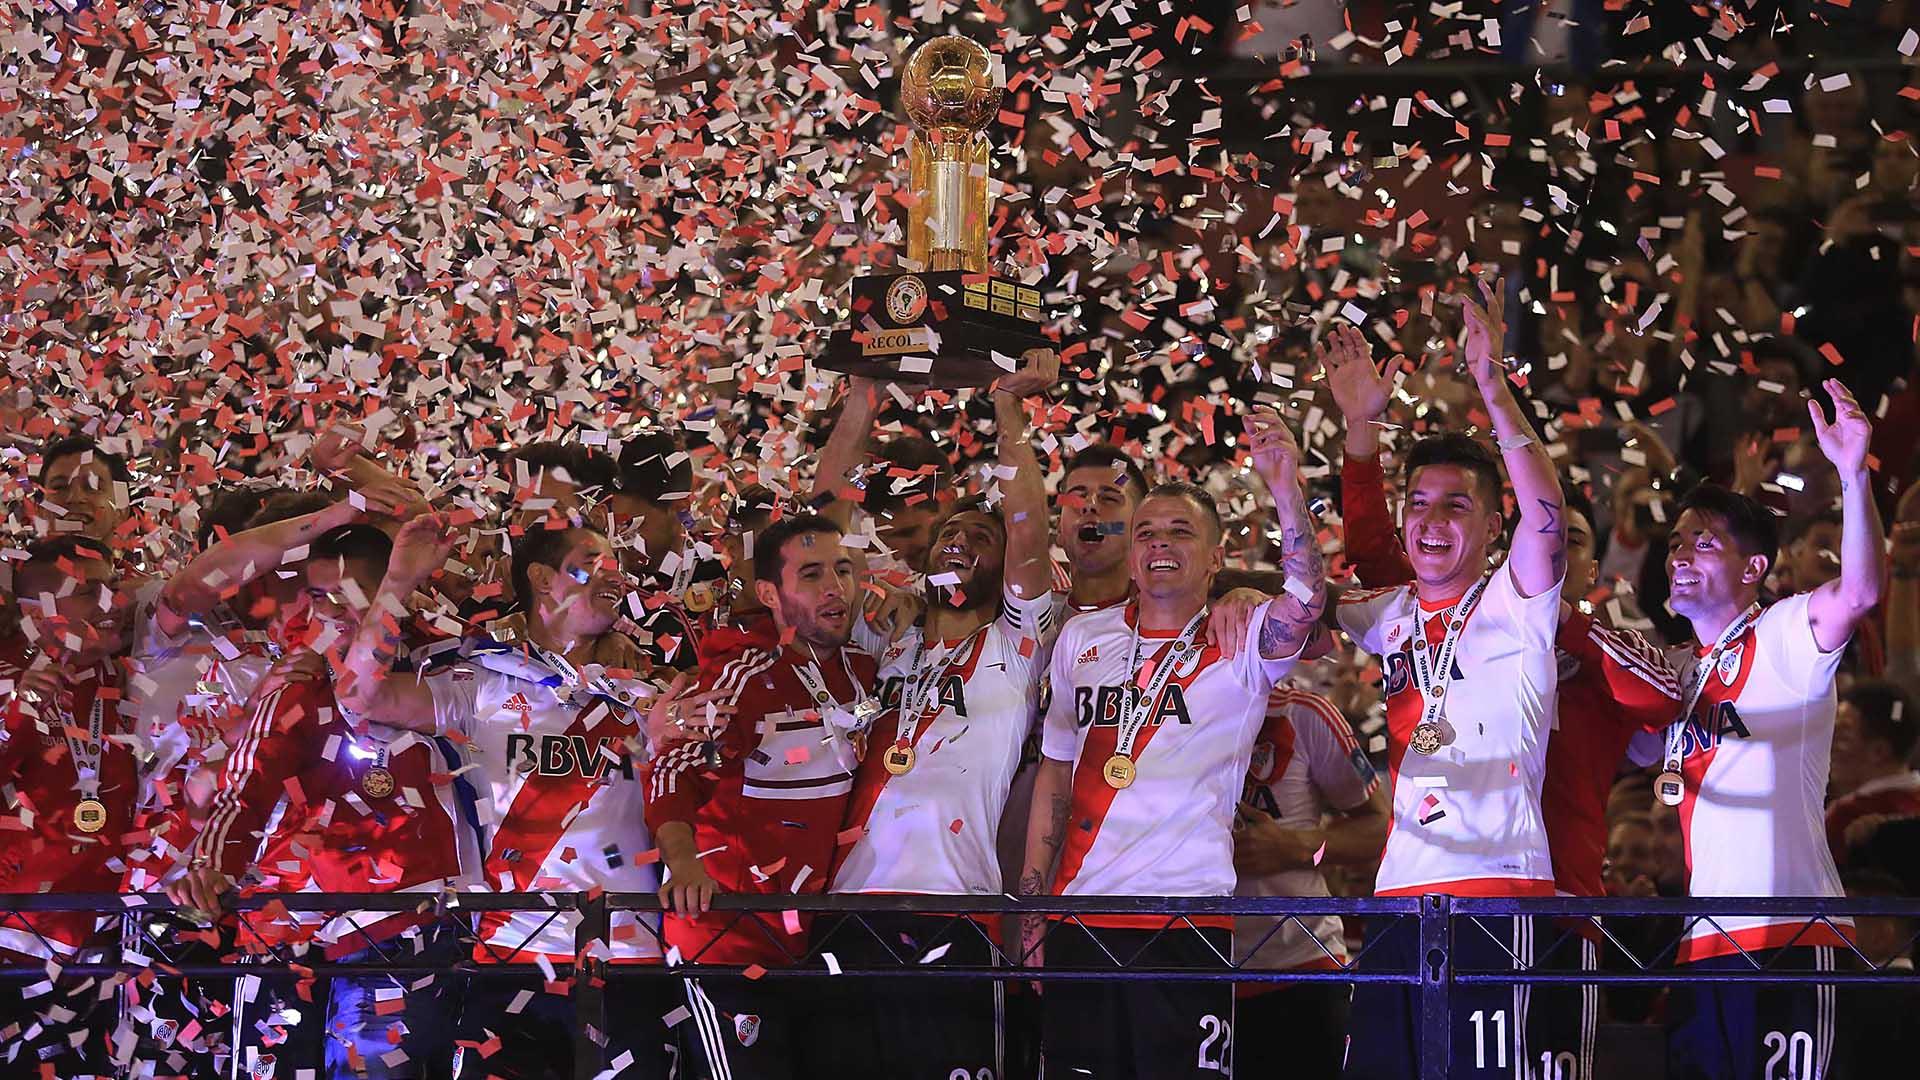 River Plate se adjudicó la Recopa Sudamericana 2016 al derrotar a Independiente de Santa Fe de Colombia en el estadio Monumental (Foto NA)